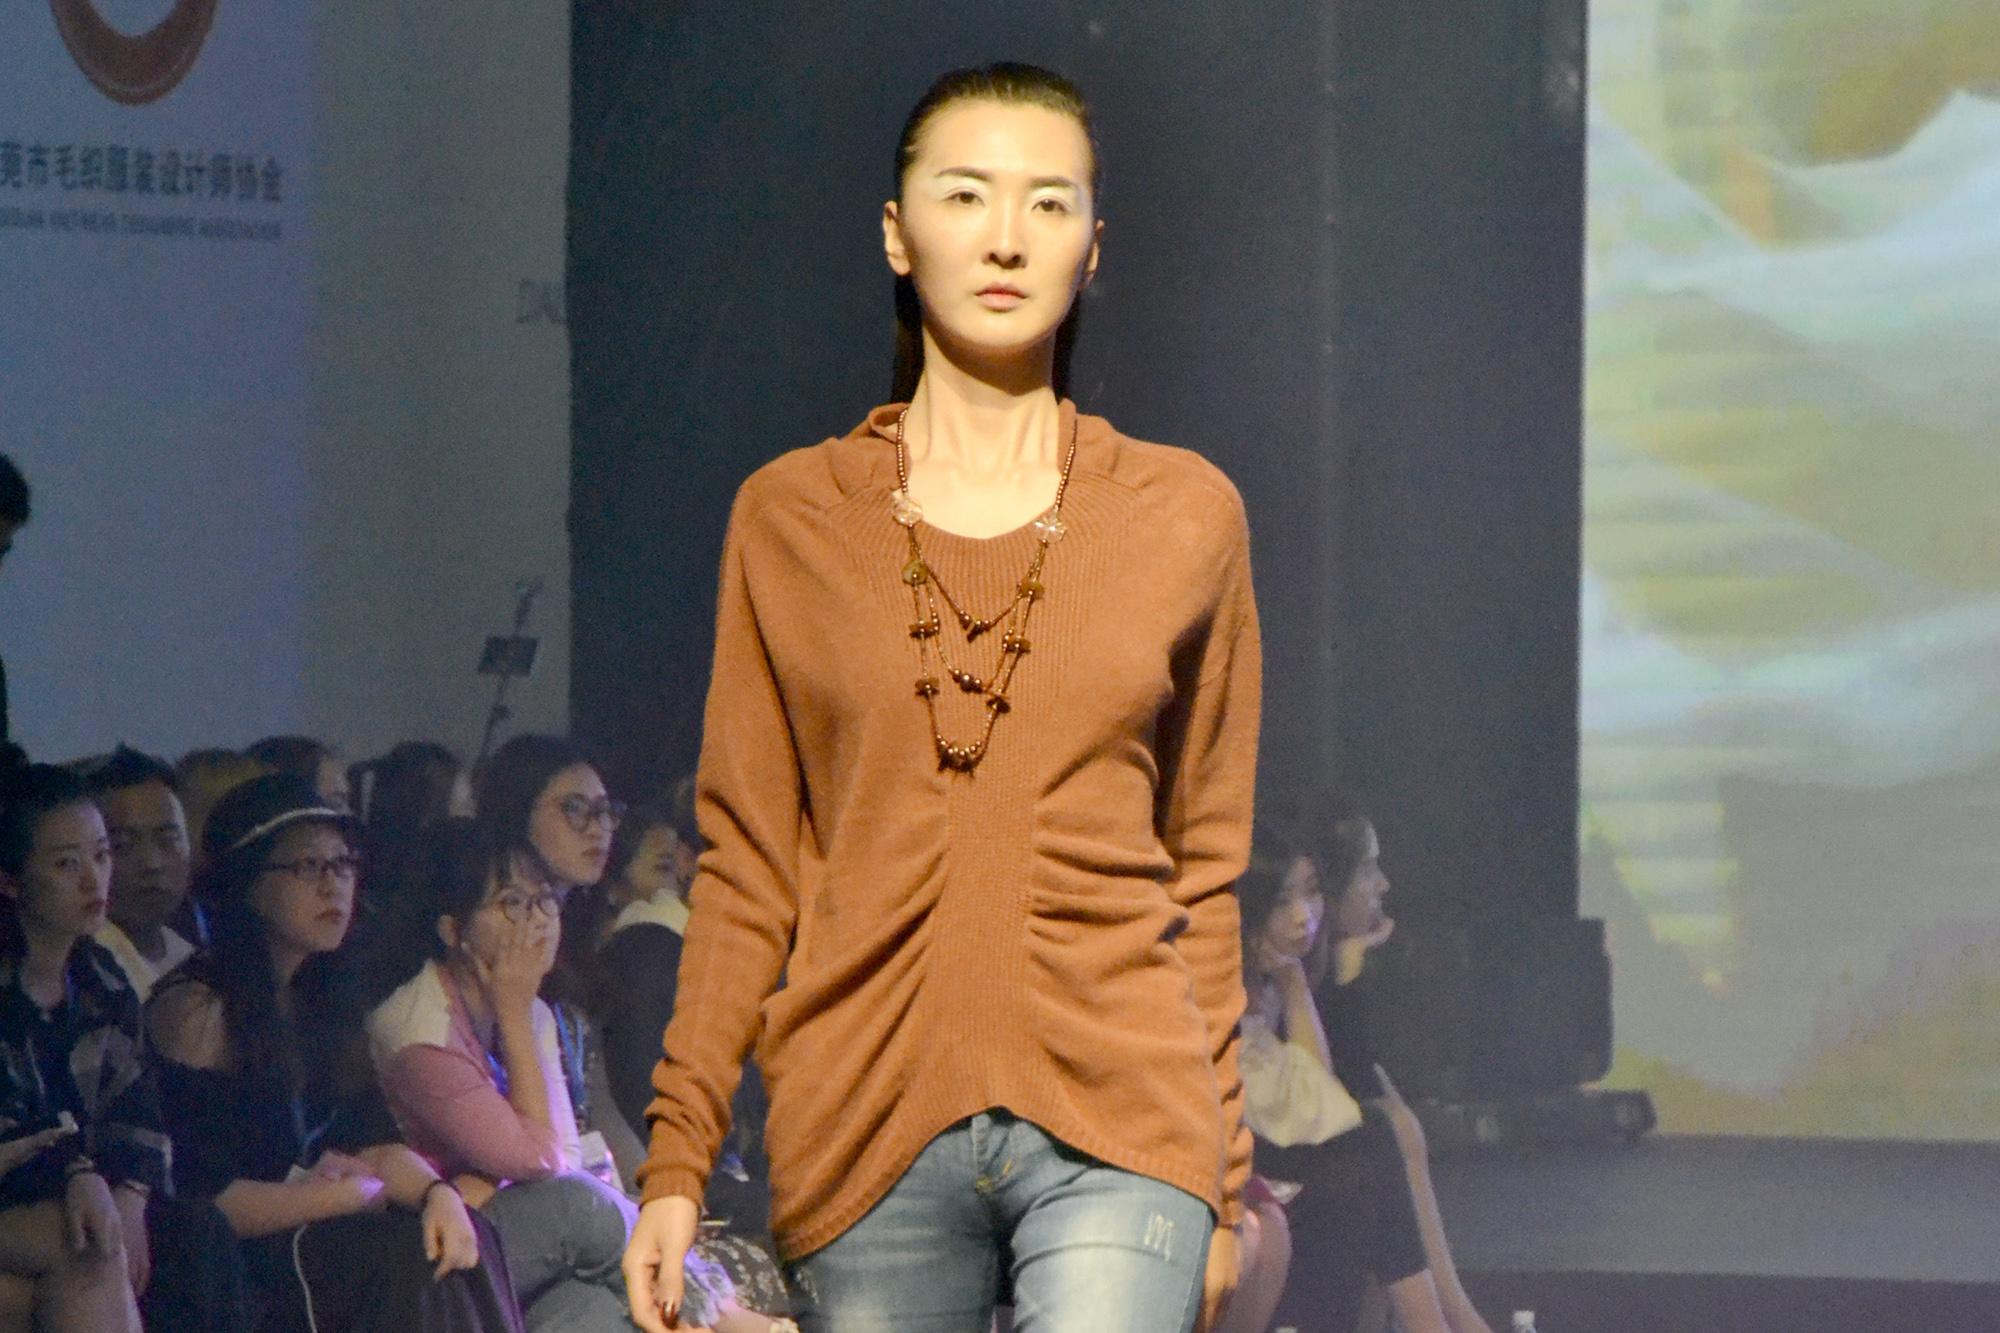 依菲拉精彩演绎2018/19中国(大朗)毛织服装流行趋势